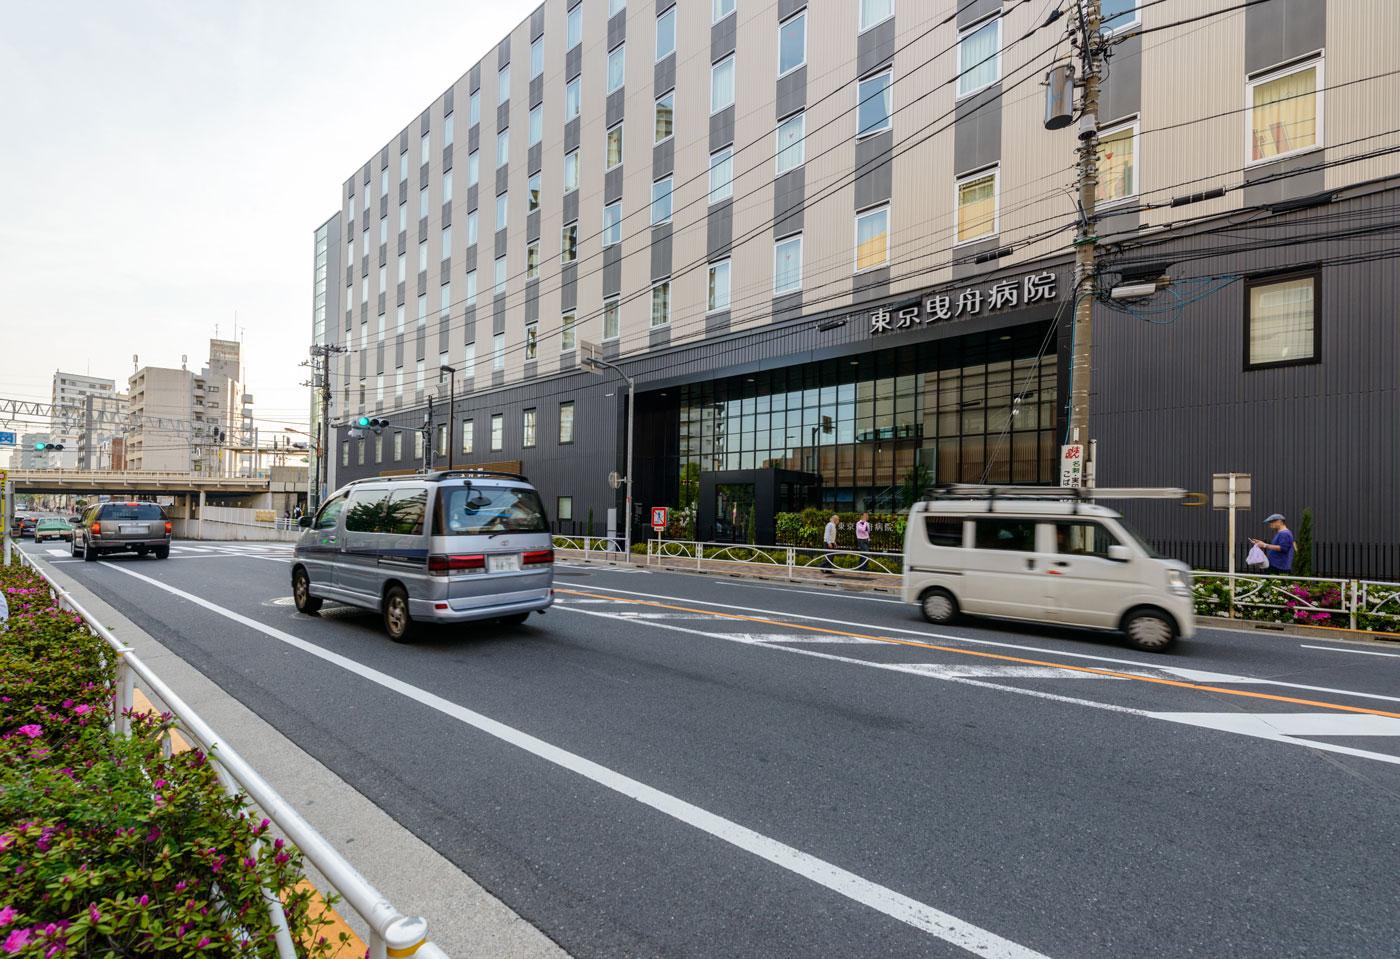 「曳舟」駅2 東口(東京曳舟病院)